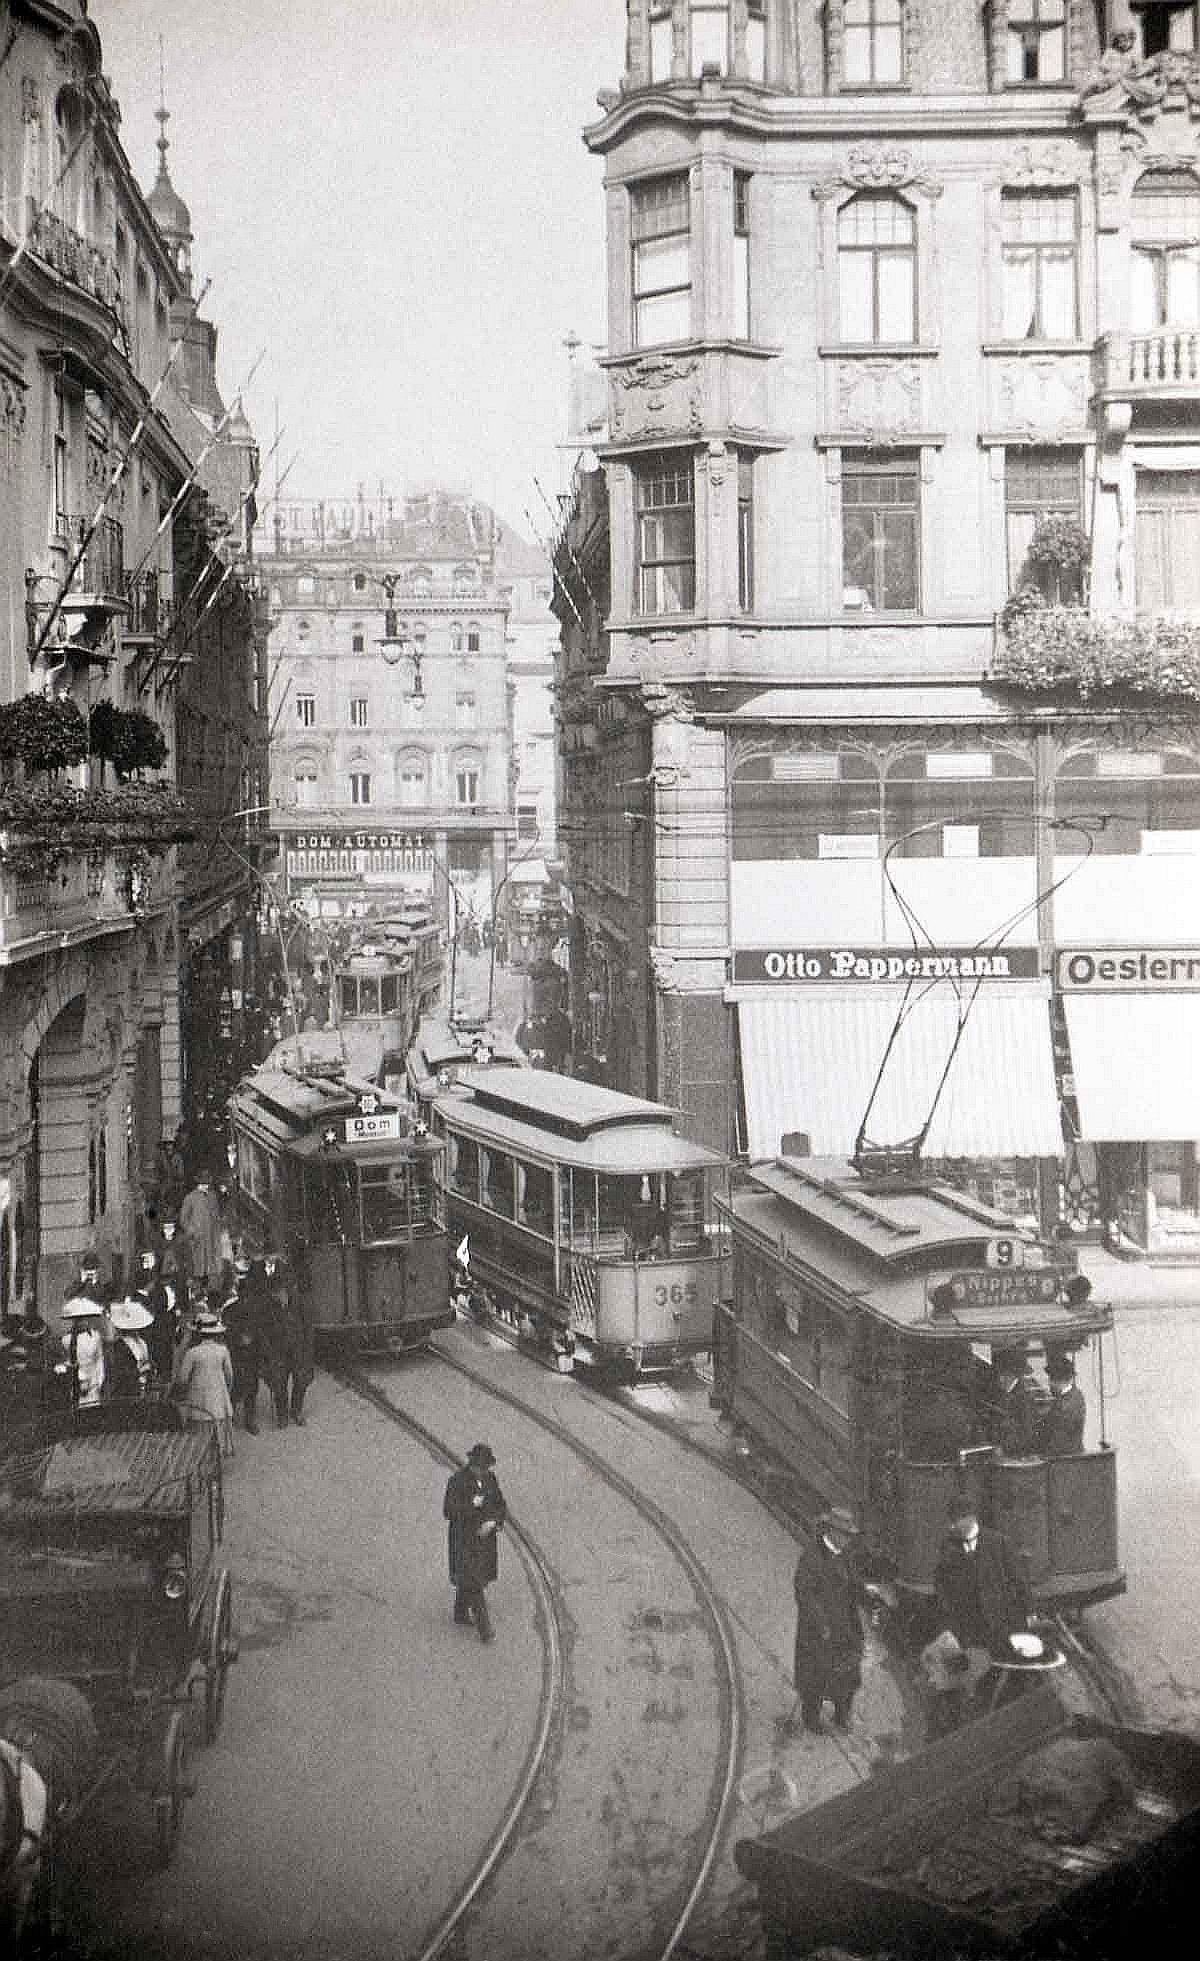 Die Enge der Kölner Altstadtstraßen bestimmte Konstruktion und Größe der Kölner Straßenbahnen zu Beginn des 20. Jahrhunderts. Je nach Fahrgastaufkommen wurden die Triebwagen mit ein oder zwei Anhängewagen versehen. Unter Fettenhennen, um 1907.